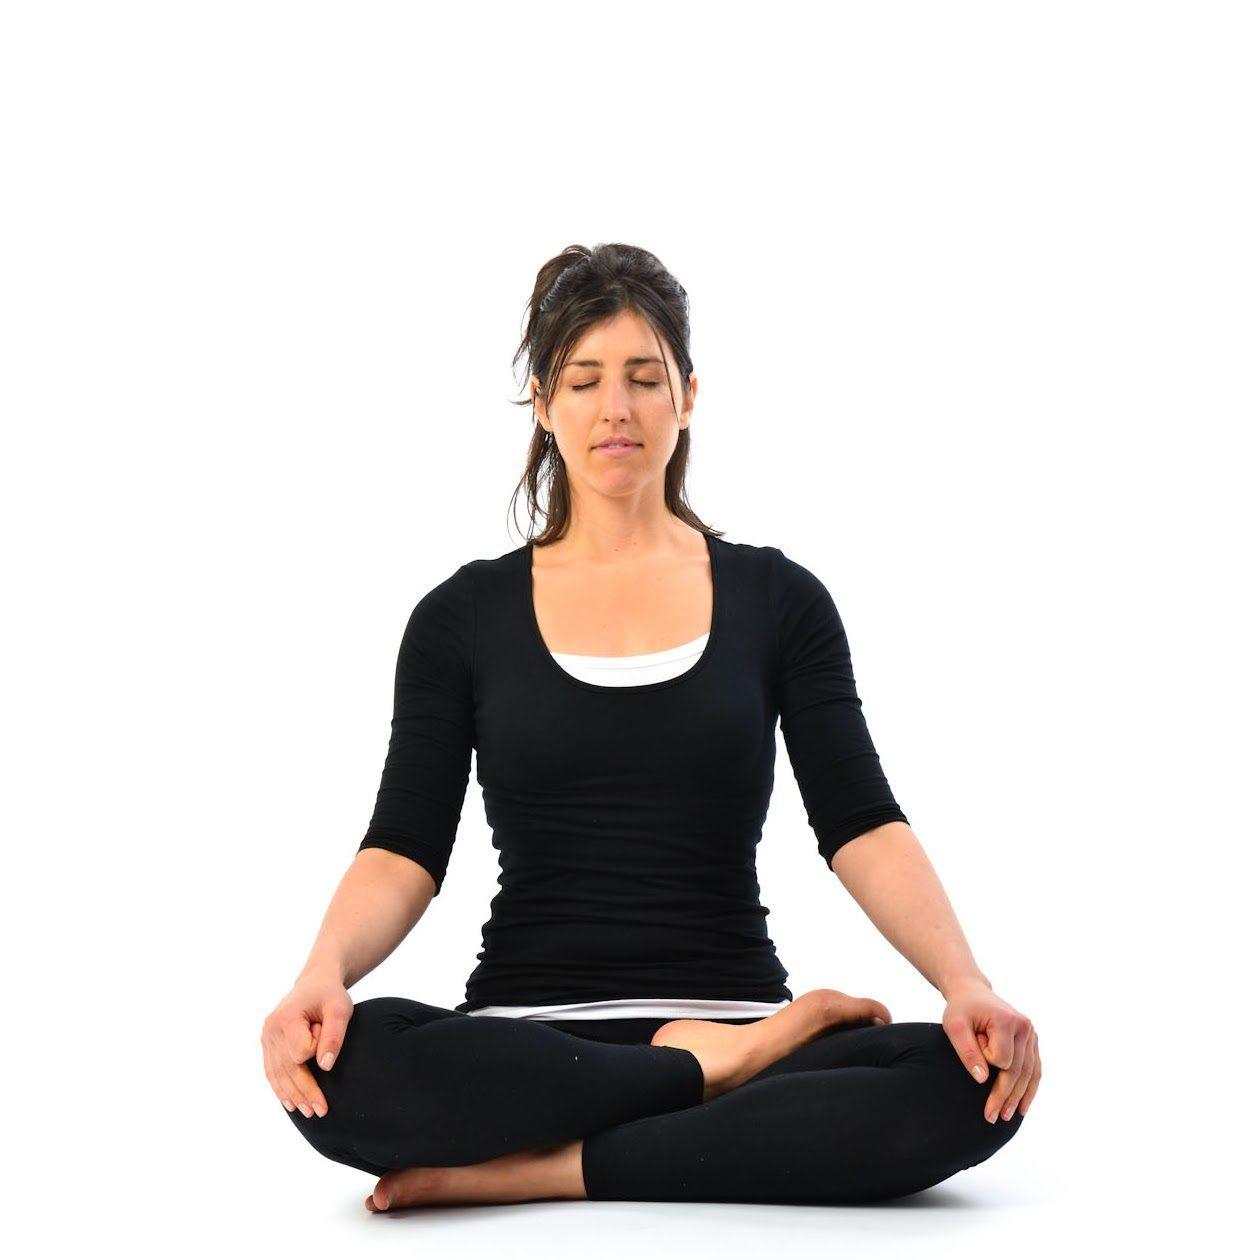 Khi tập yoga thiền việc quan trọng nhất chính là kiểm soát tâm trí của mình